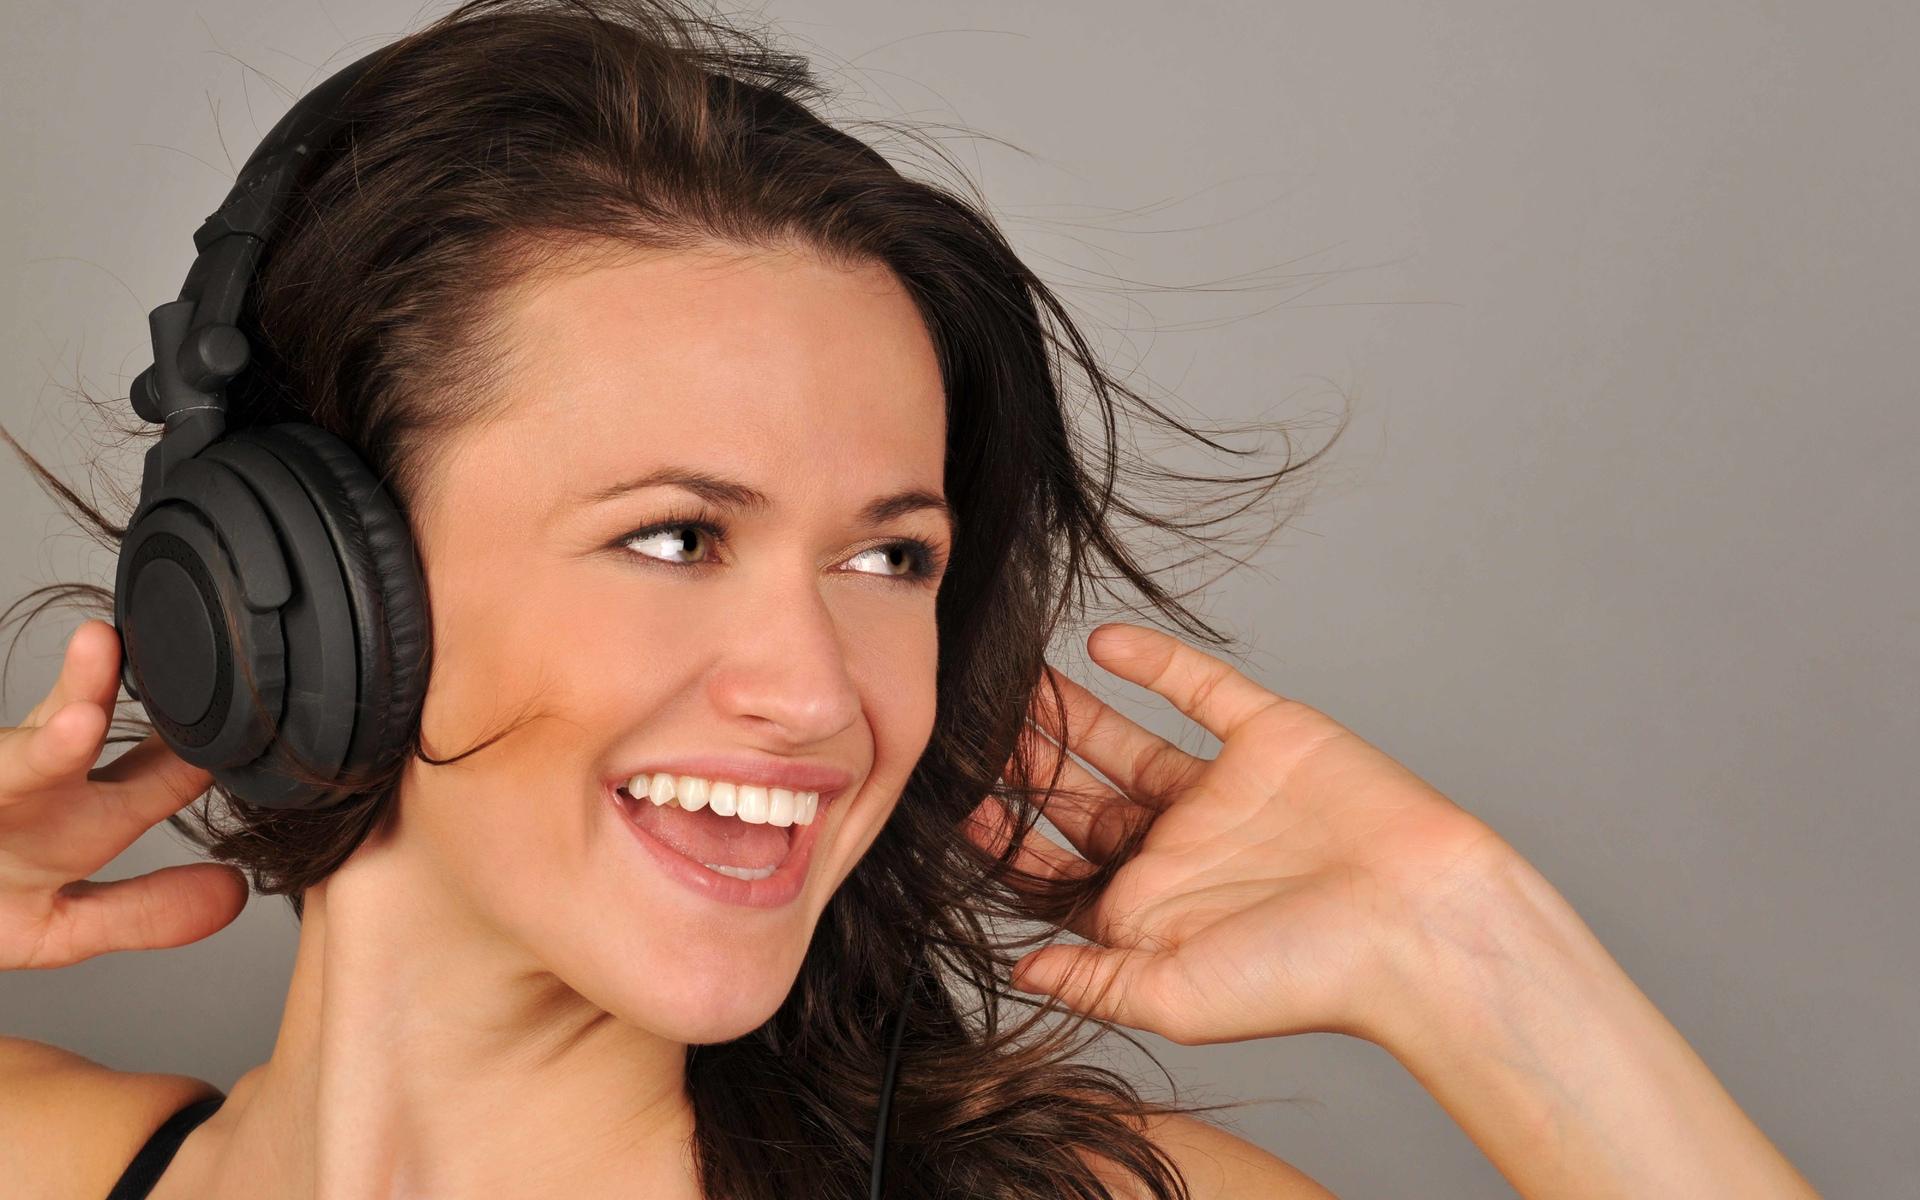 Девушка брюнетка слушает музыку в отличном настроение, 1920 на 1200 пикселей